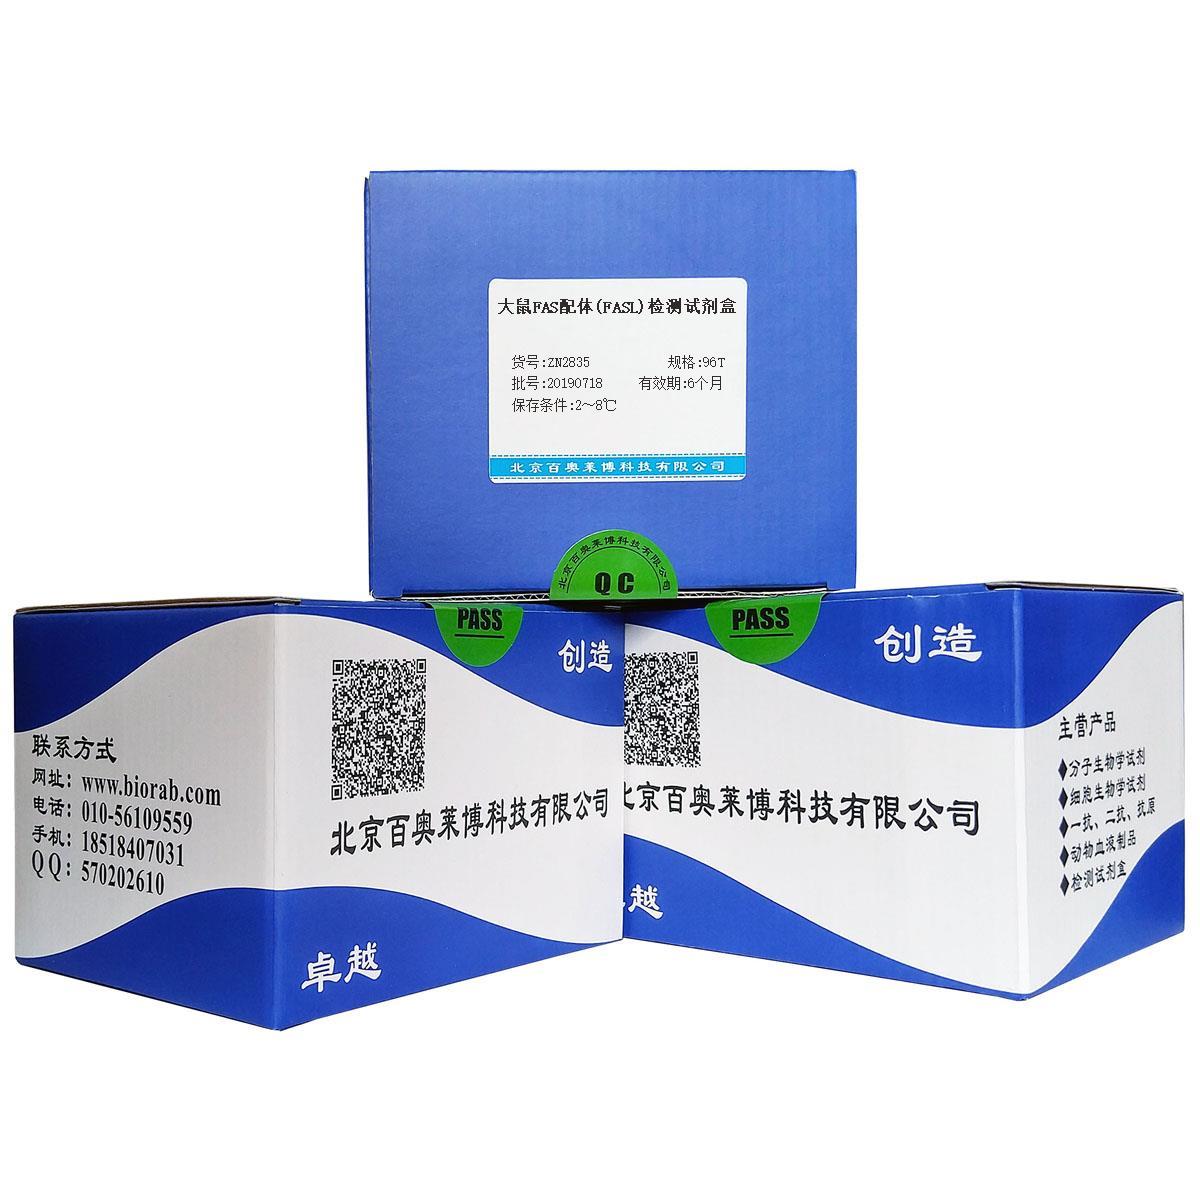 大鼠FAS配体(FASL)检测试剂盒价格